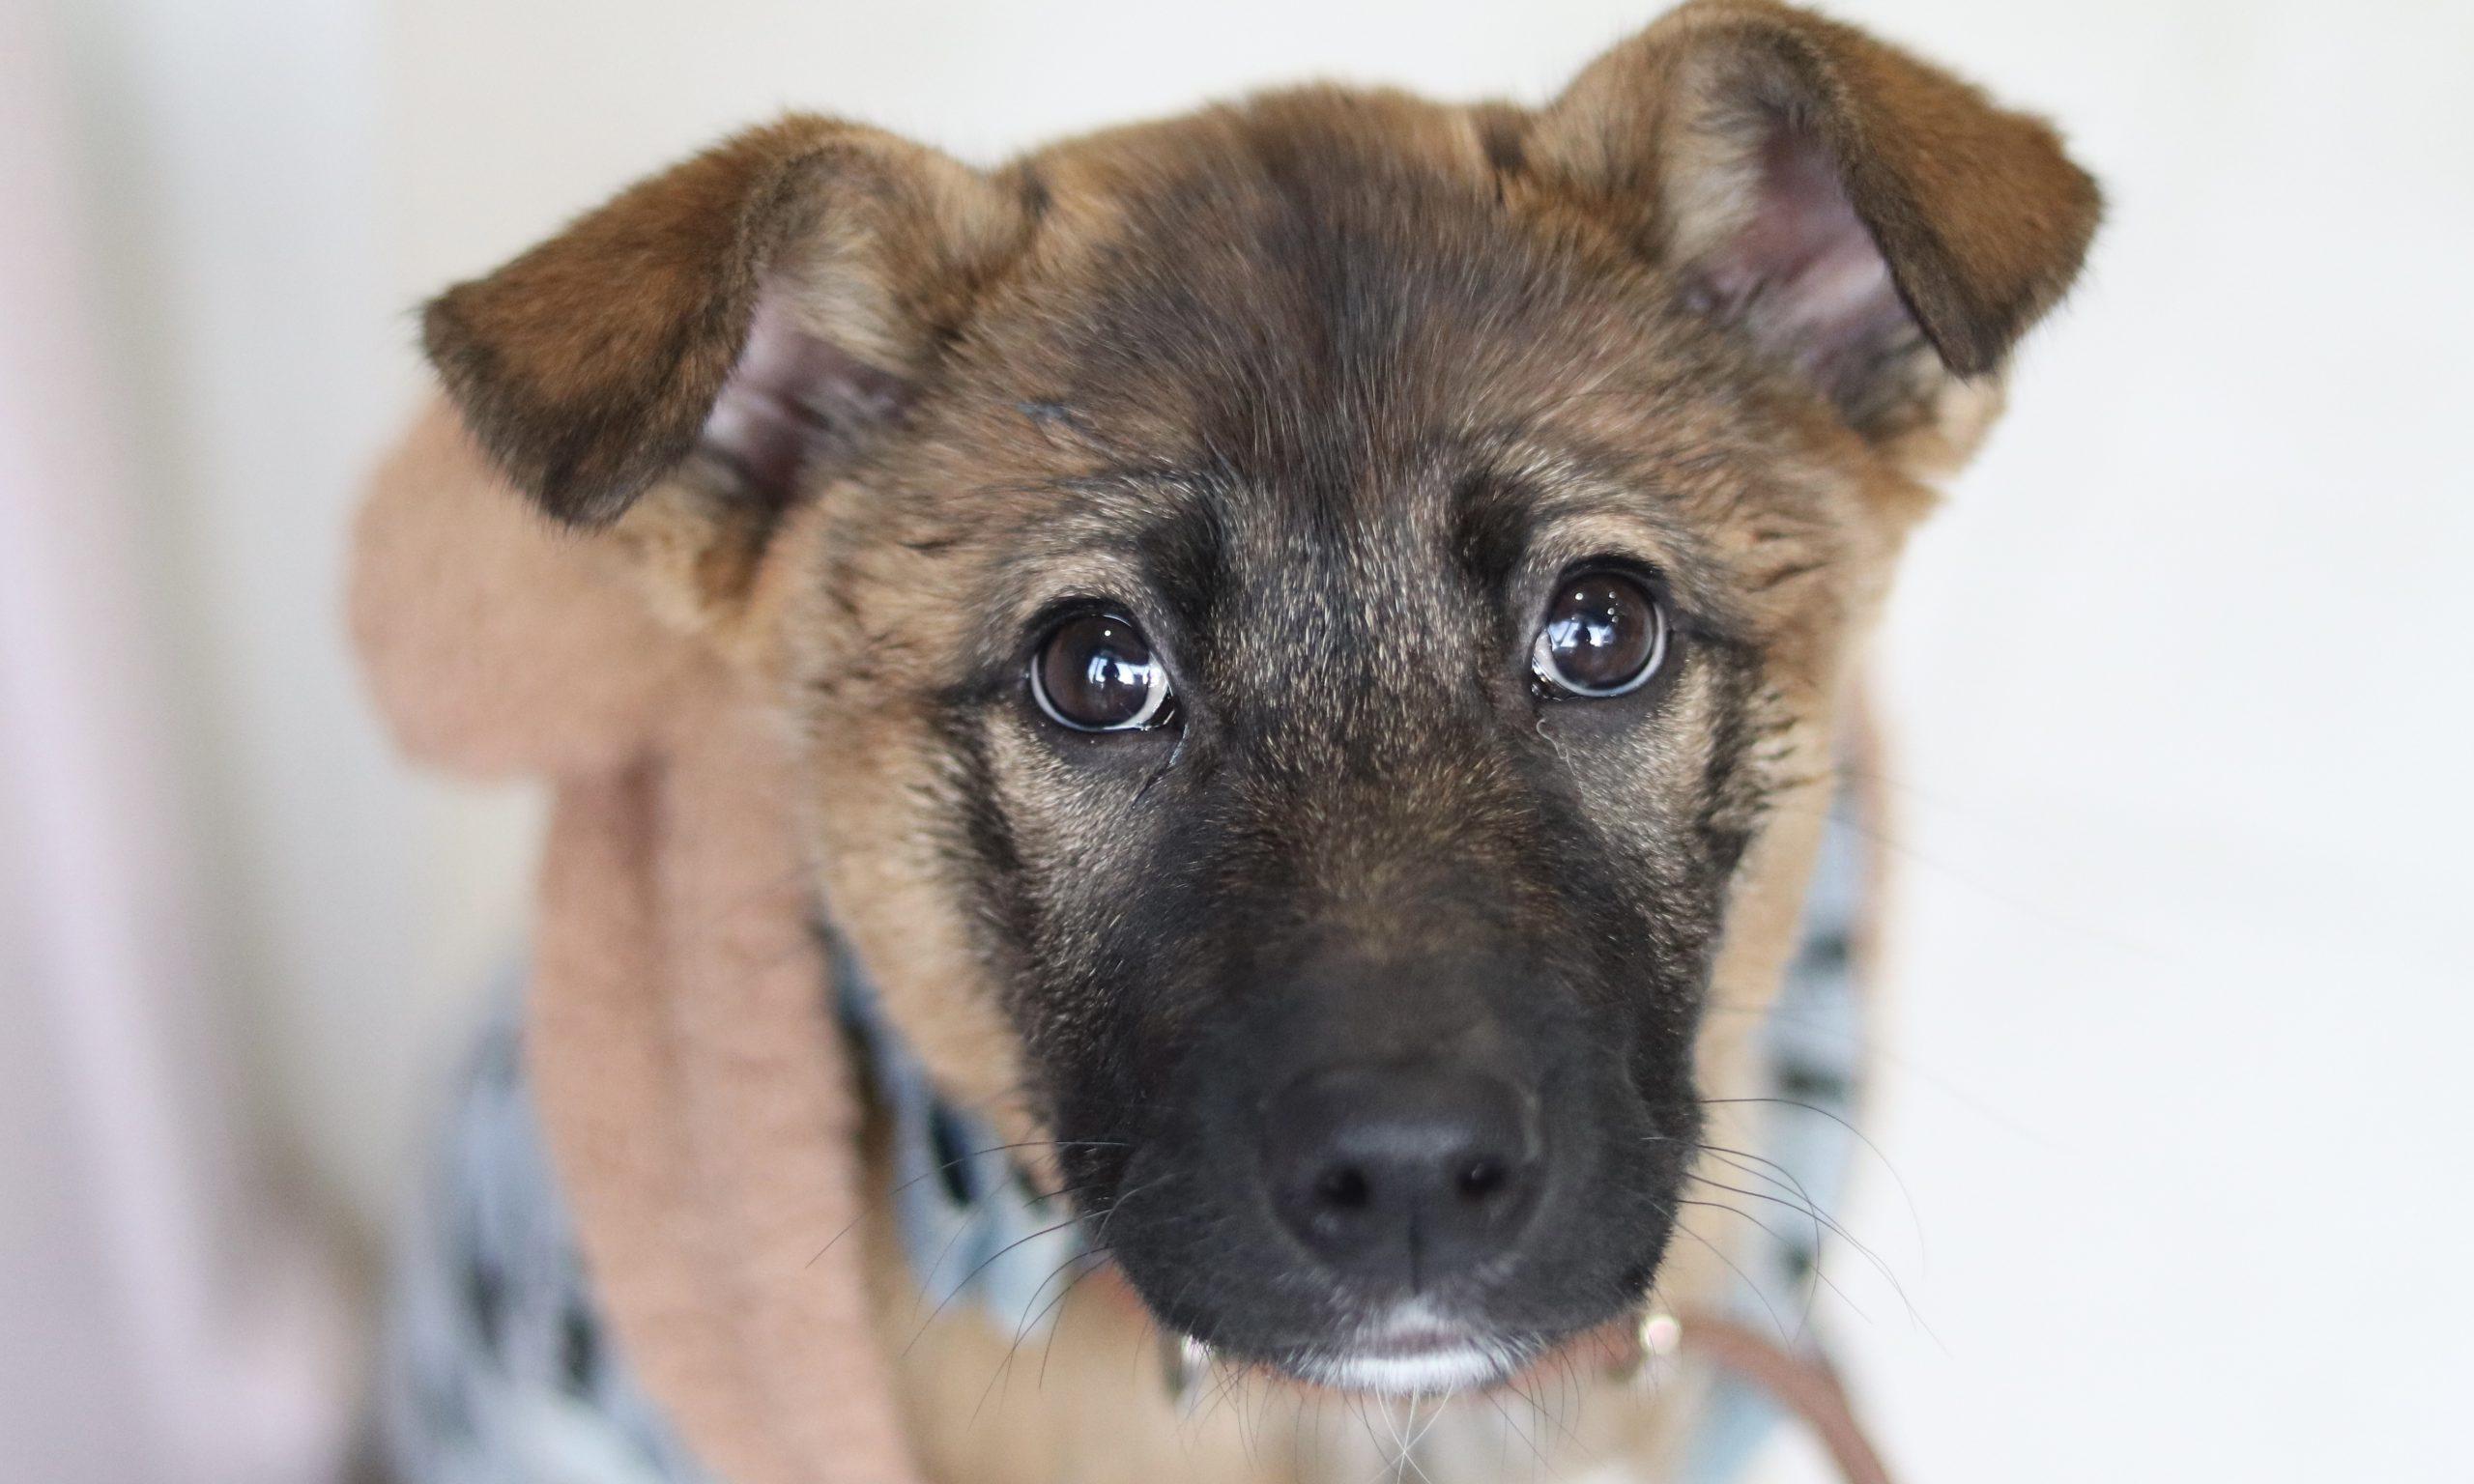 <ul> <li>犬種:雑種</li> <li>性別:女の子</li> <li>名前:モモ</li> <li>年齢:2020年11月1日生まれ</li> <li>保護経緯:ダンボールに入れて捨てられていた子犬の里親になったが、家族の介護が始まり飼育困難</li> </ul>